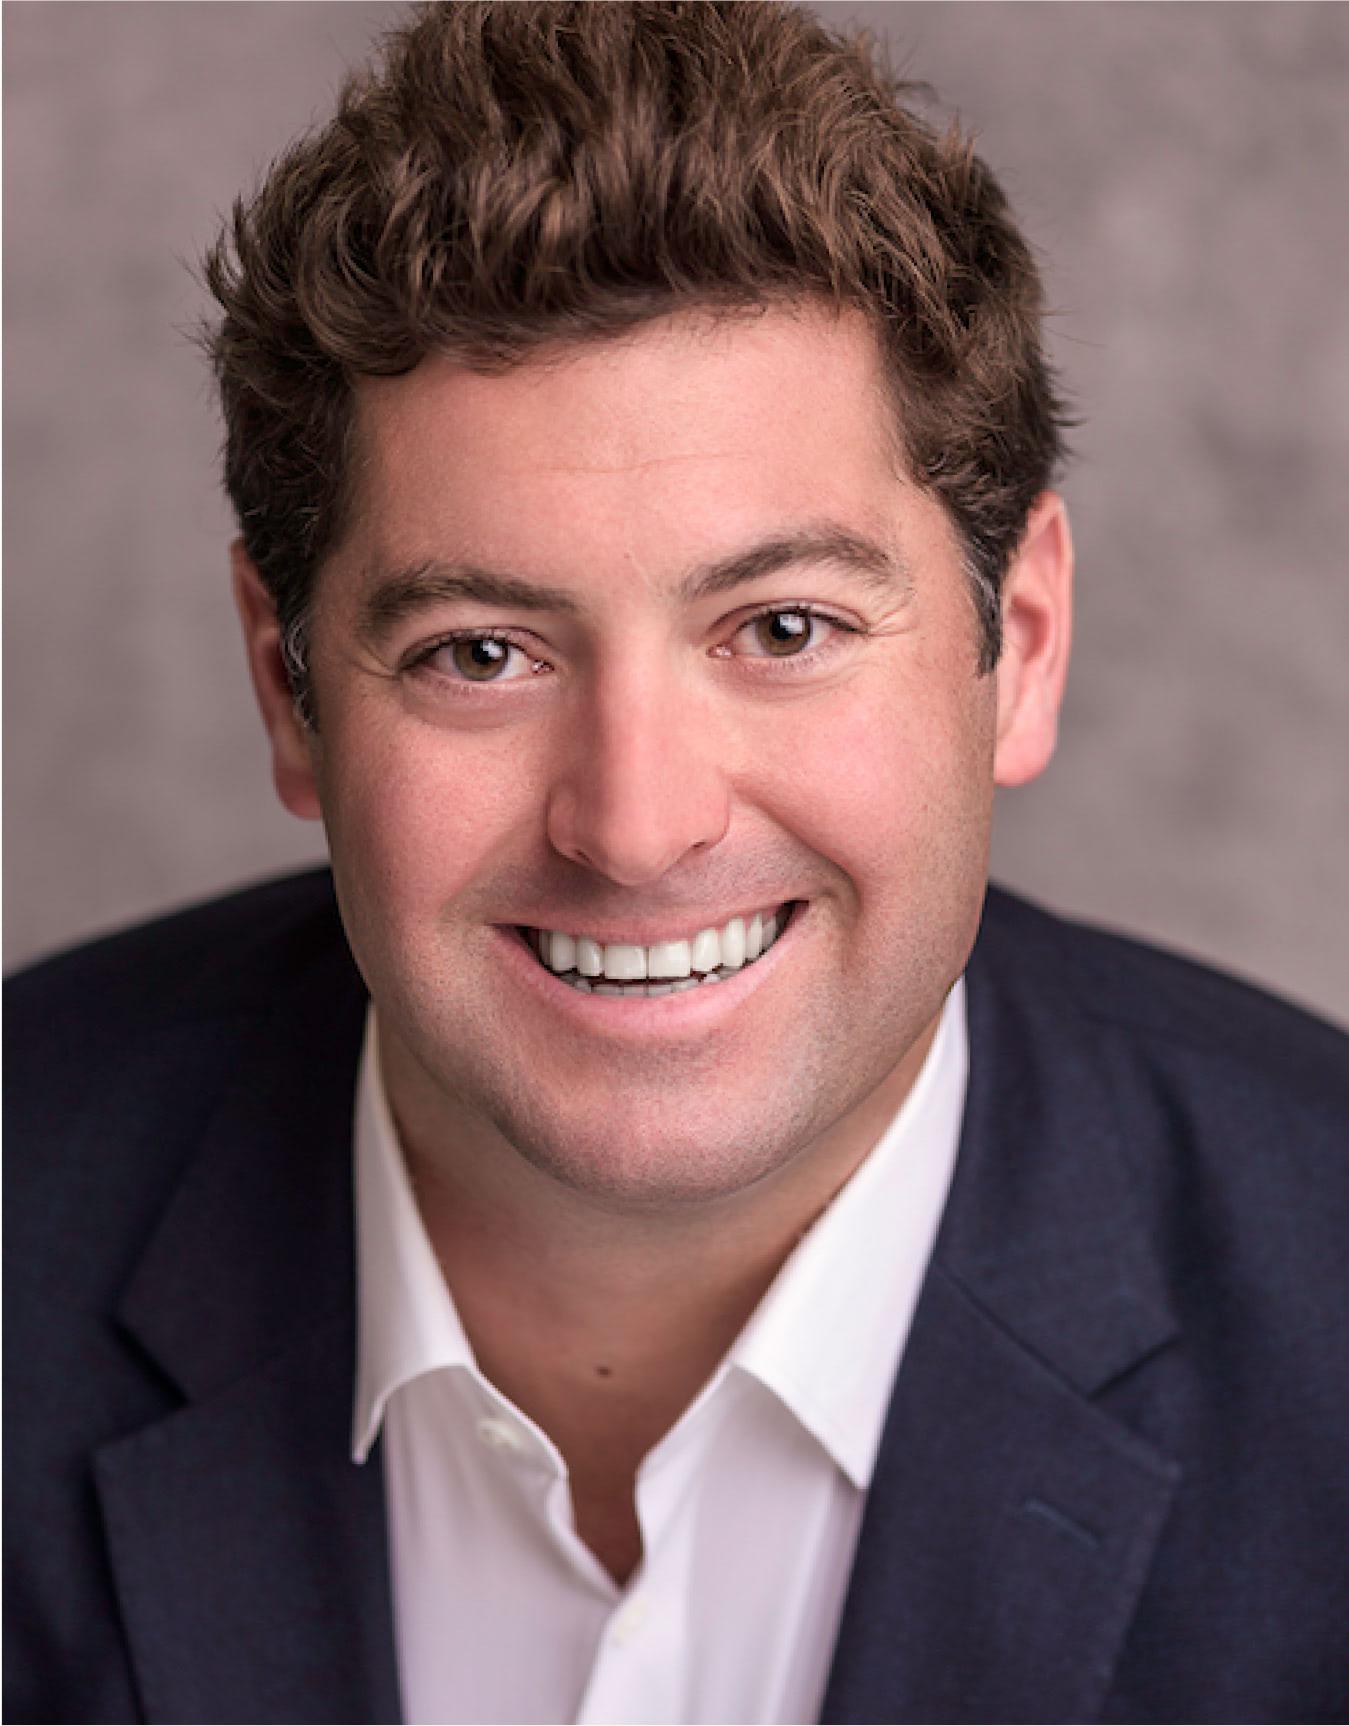 Andrew Upah